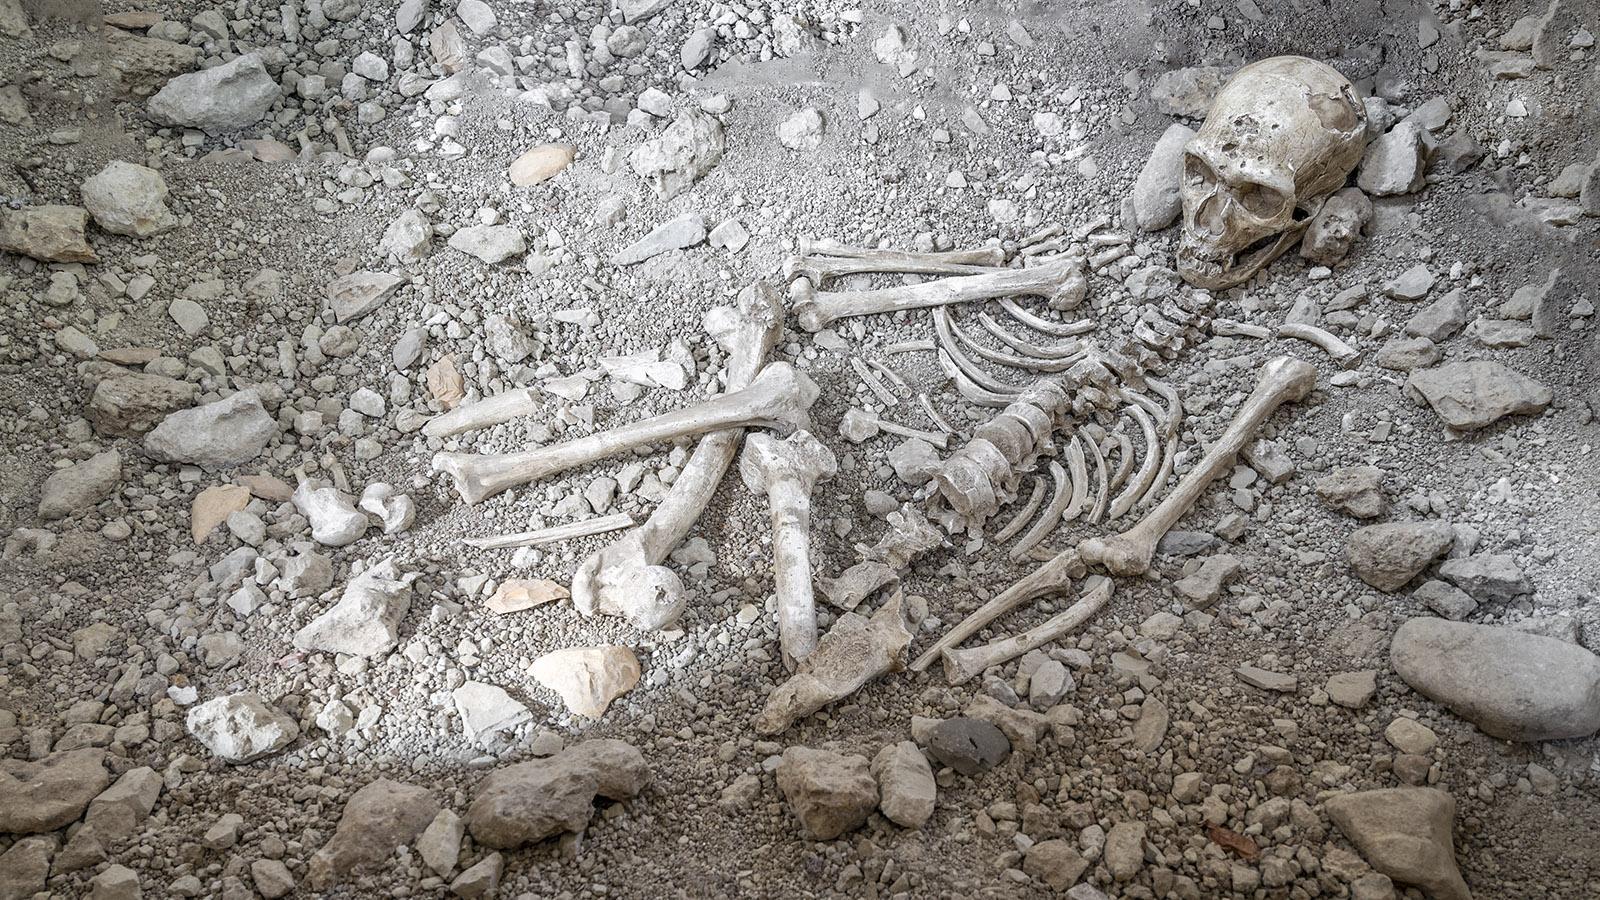 Das Neandertaler-Skelett des Museums ist eine Nachbildung. Das Original befindet sich heute im Musée de l'Homme von Paris. Foto: Hilke Maunder